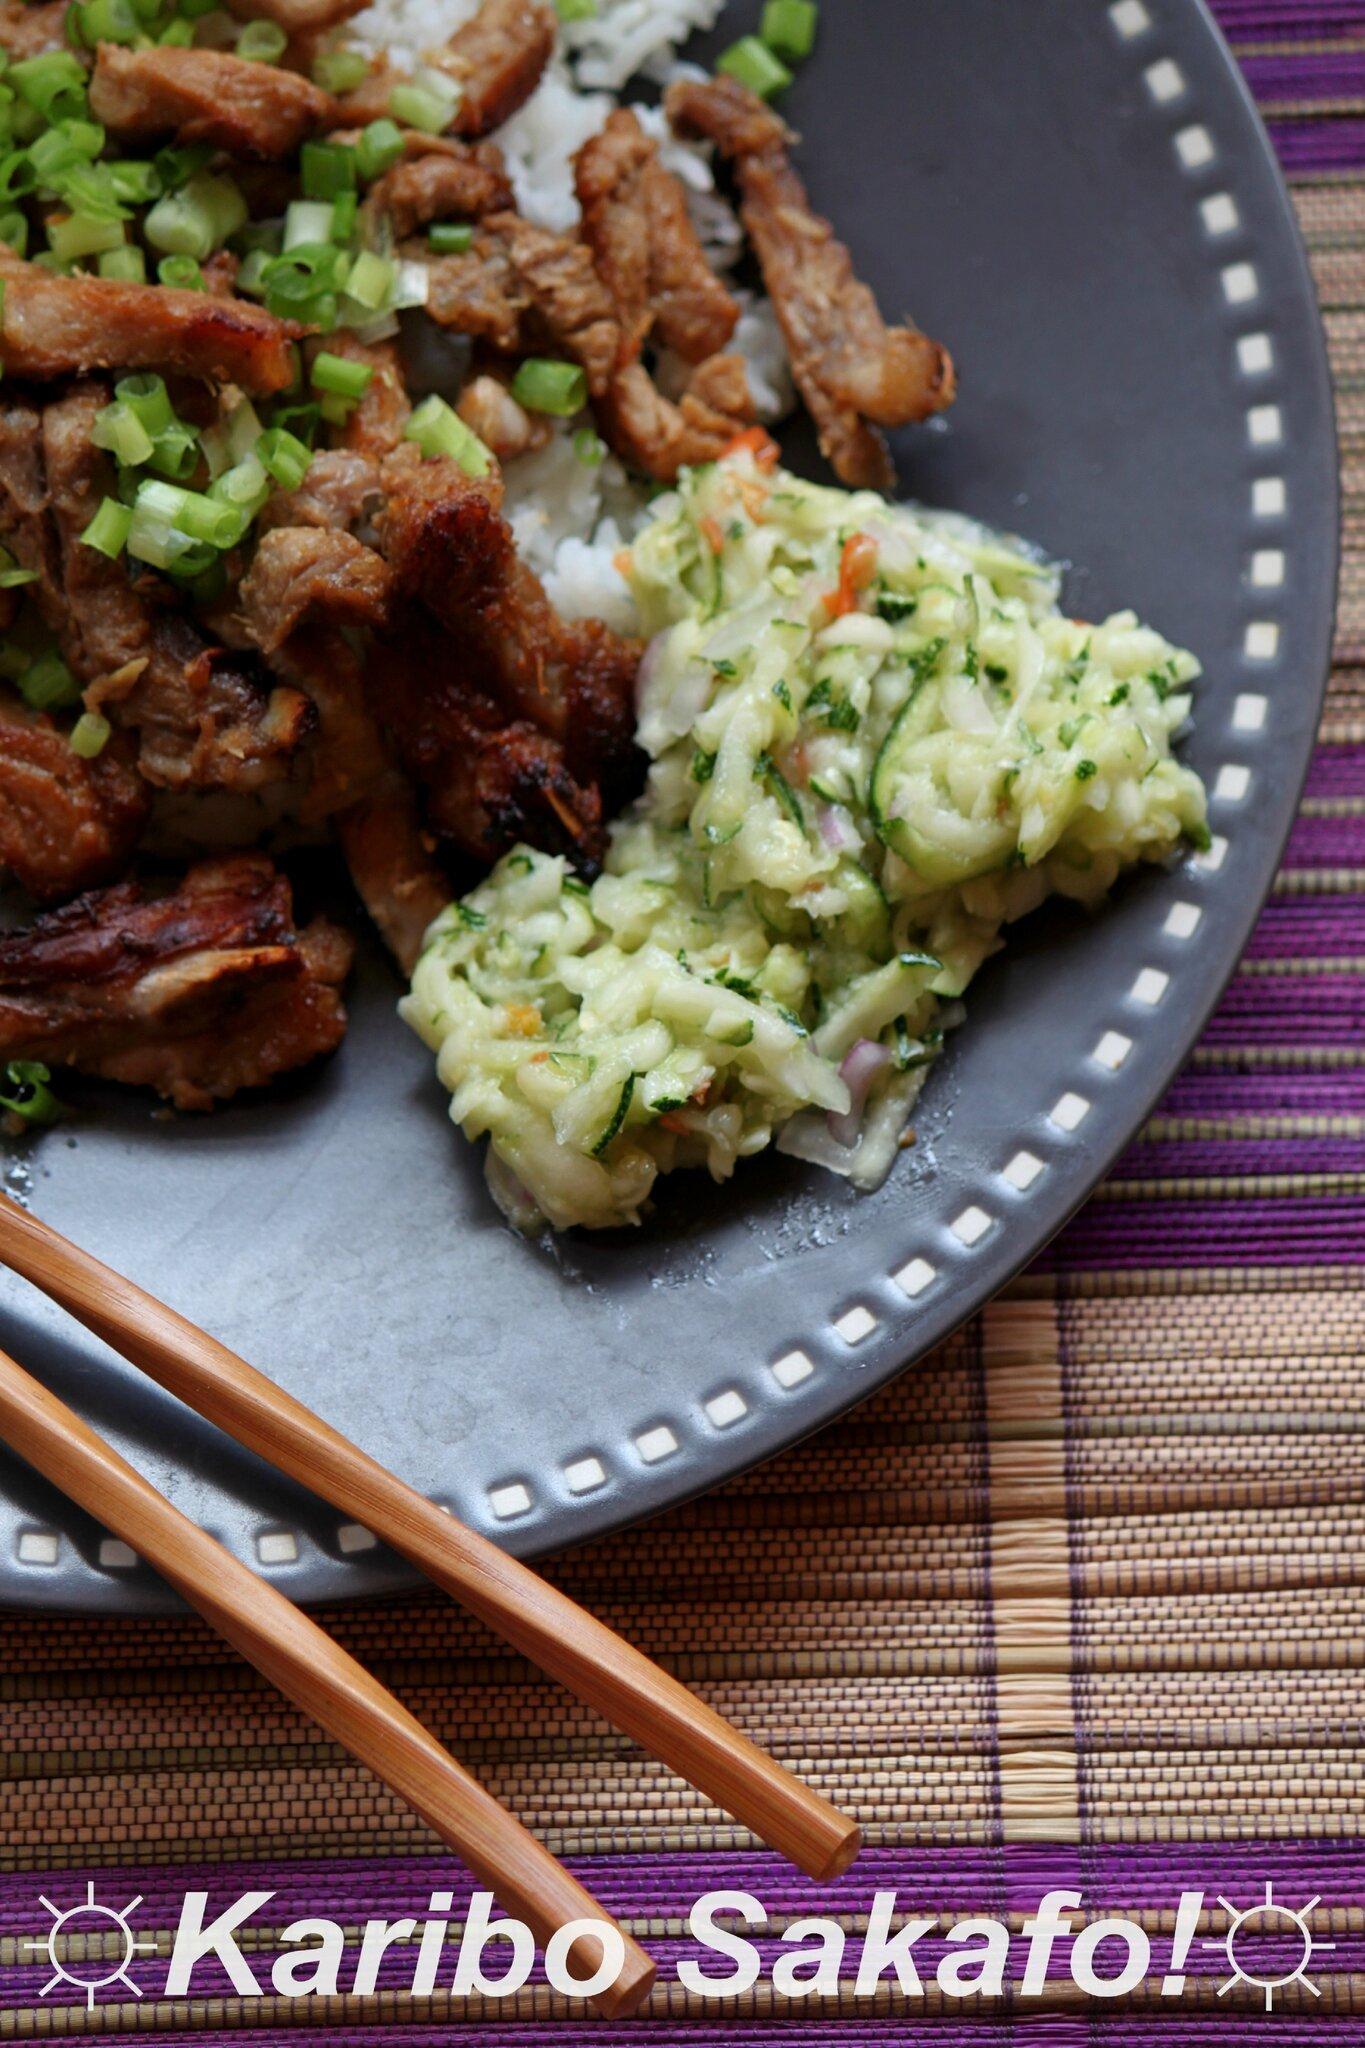 Porc au miso (selon une recette de Piment Oiseau)